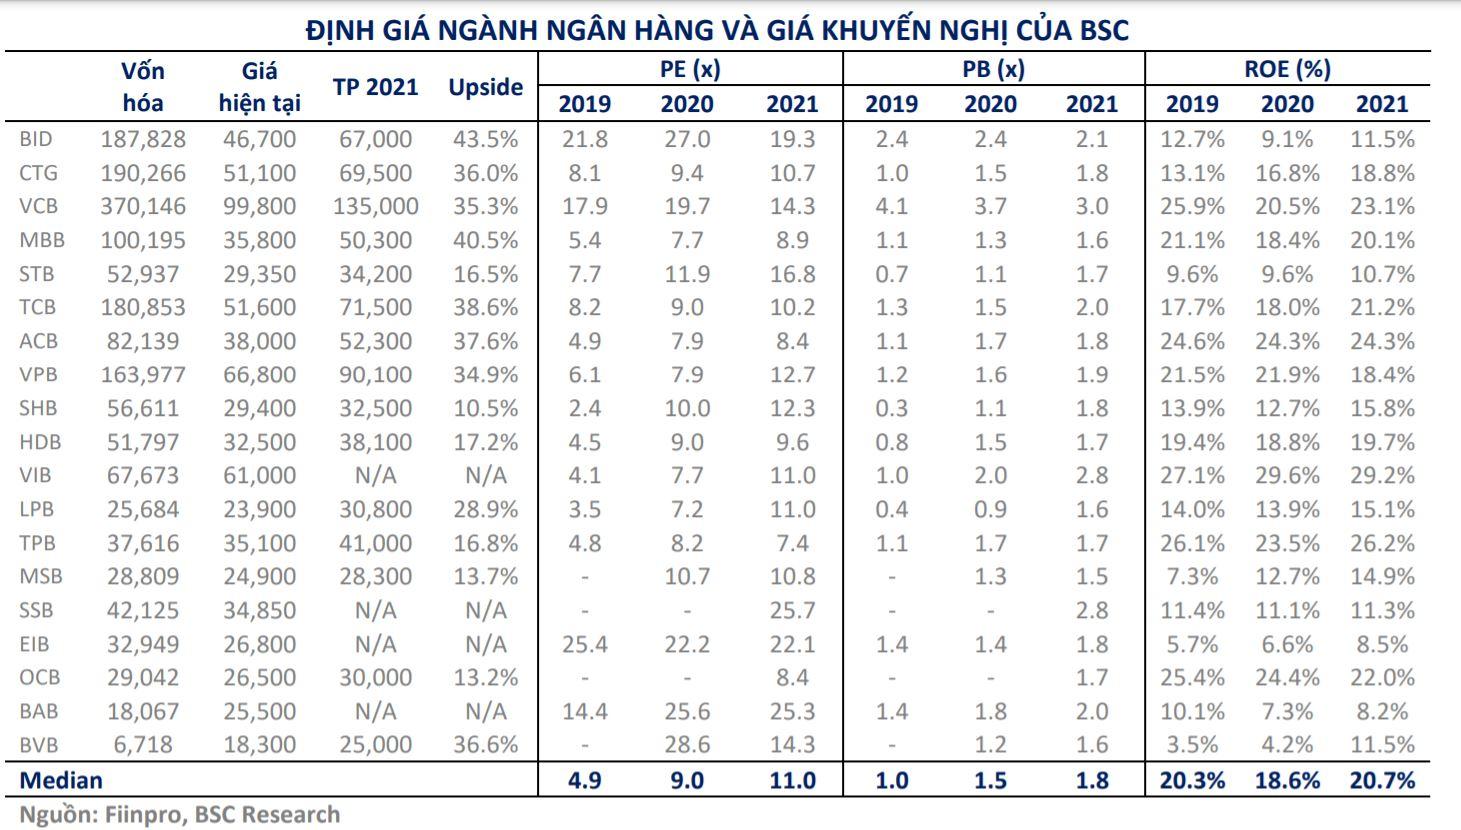 Cổ phiếu ngân hàng được định giá lại giữa cơn sóng tăng giá: Cao nhất 135.000 đồng/cp, nhiều mã mục tiêu trên 60.000 đồng/cp - Ảnh 1.